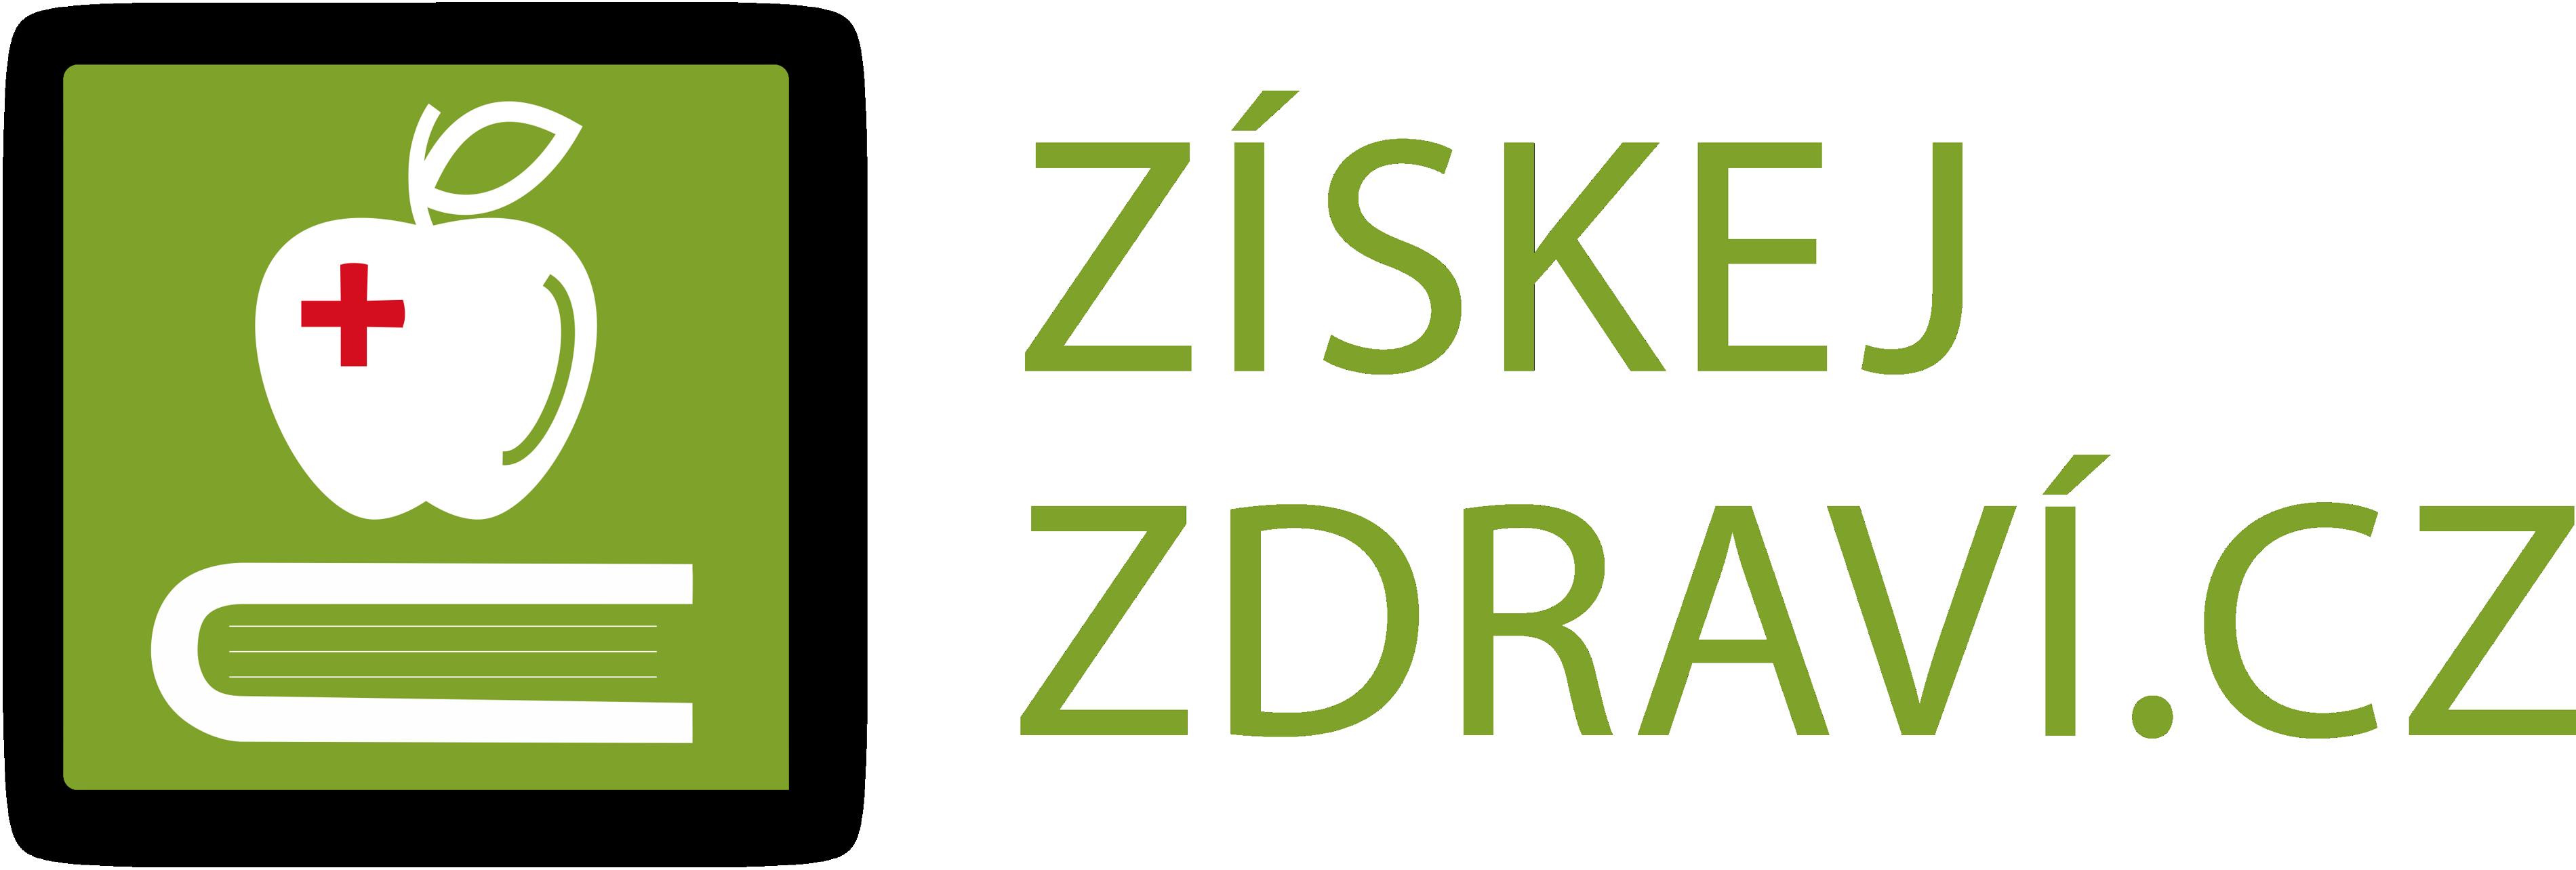 ziske_zdravi_logo